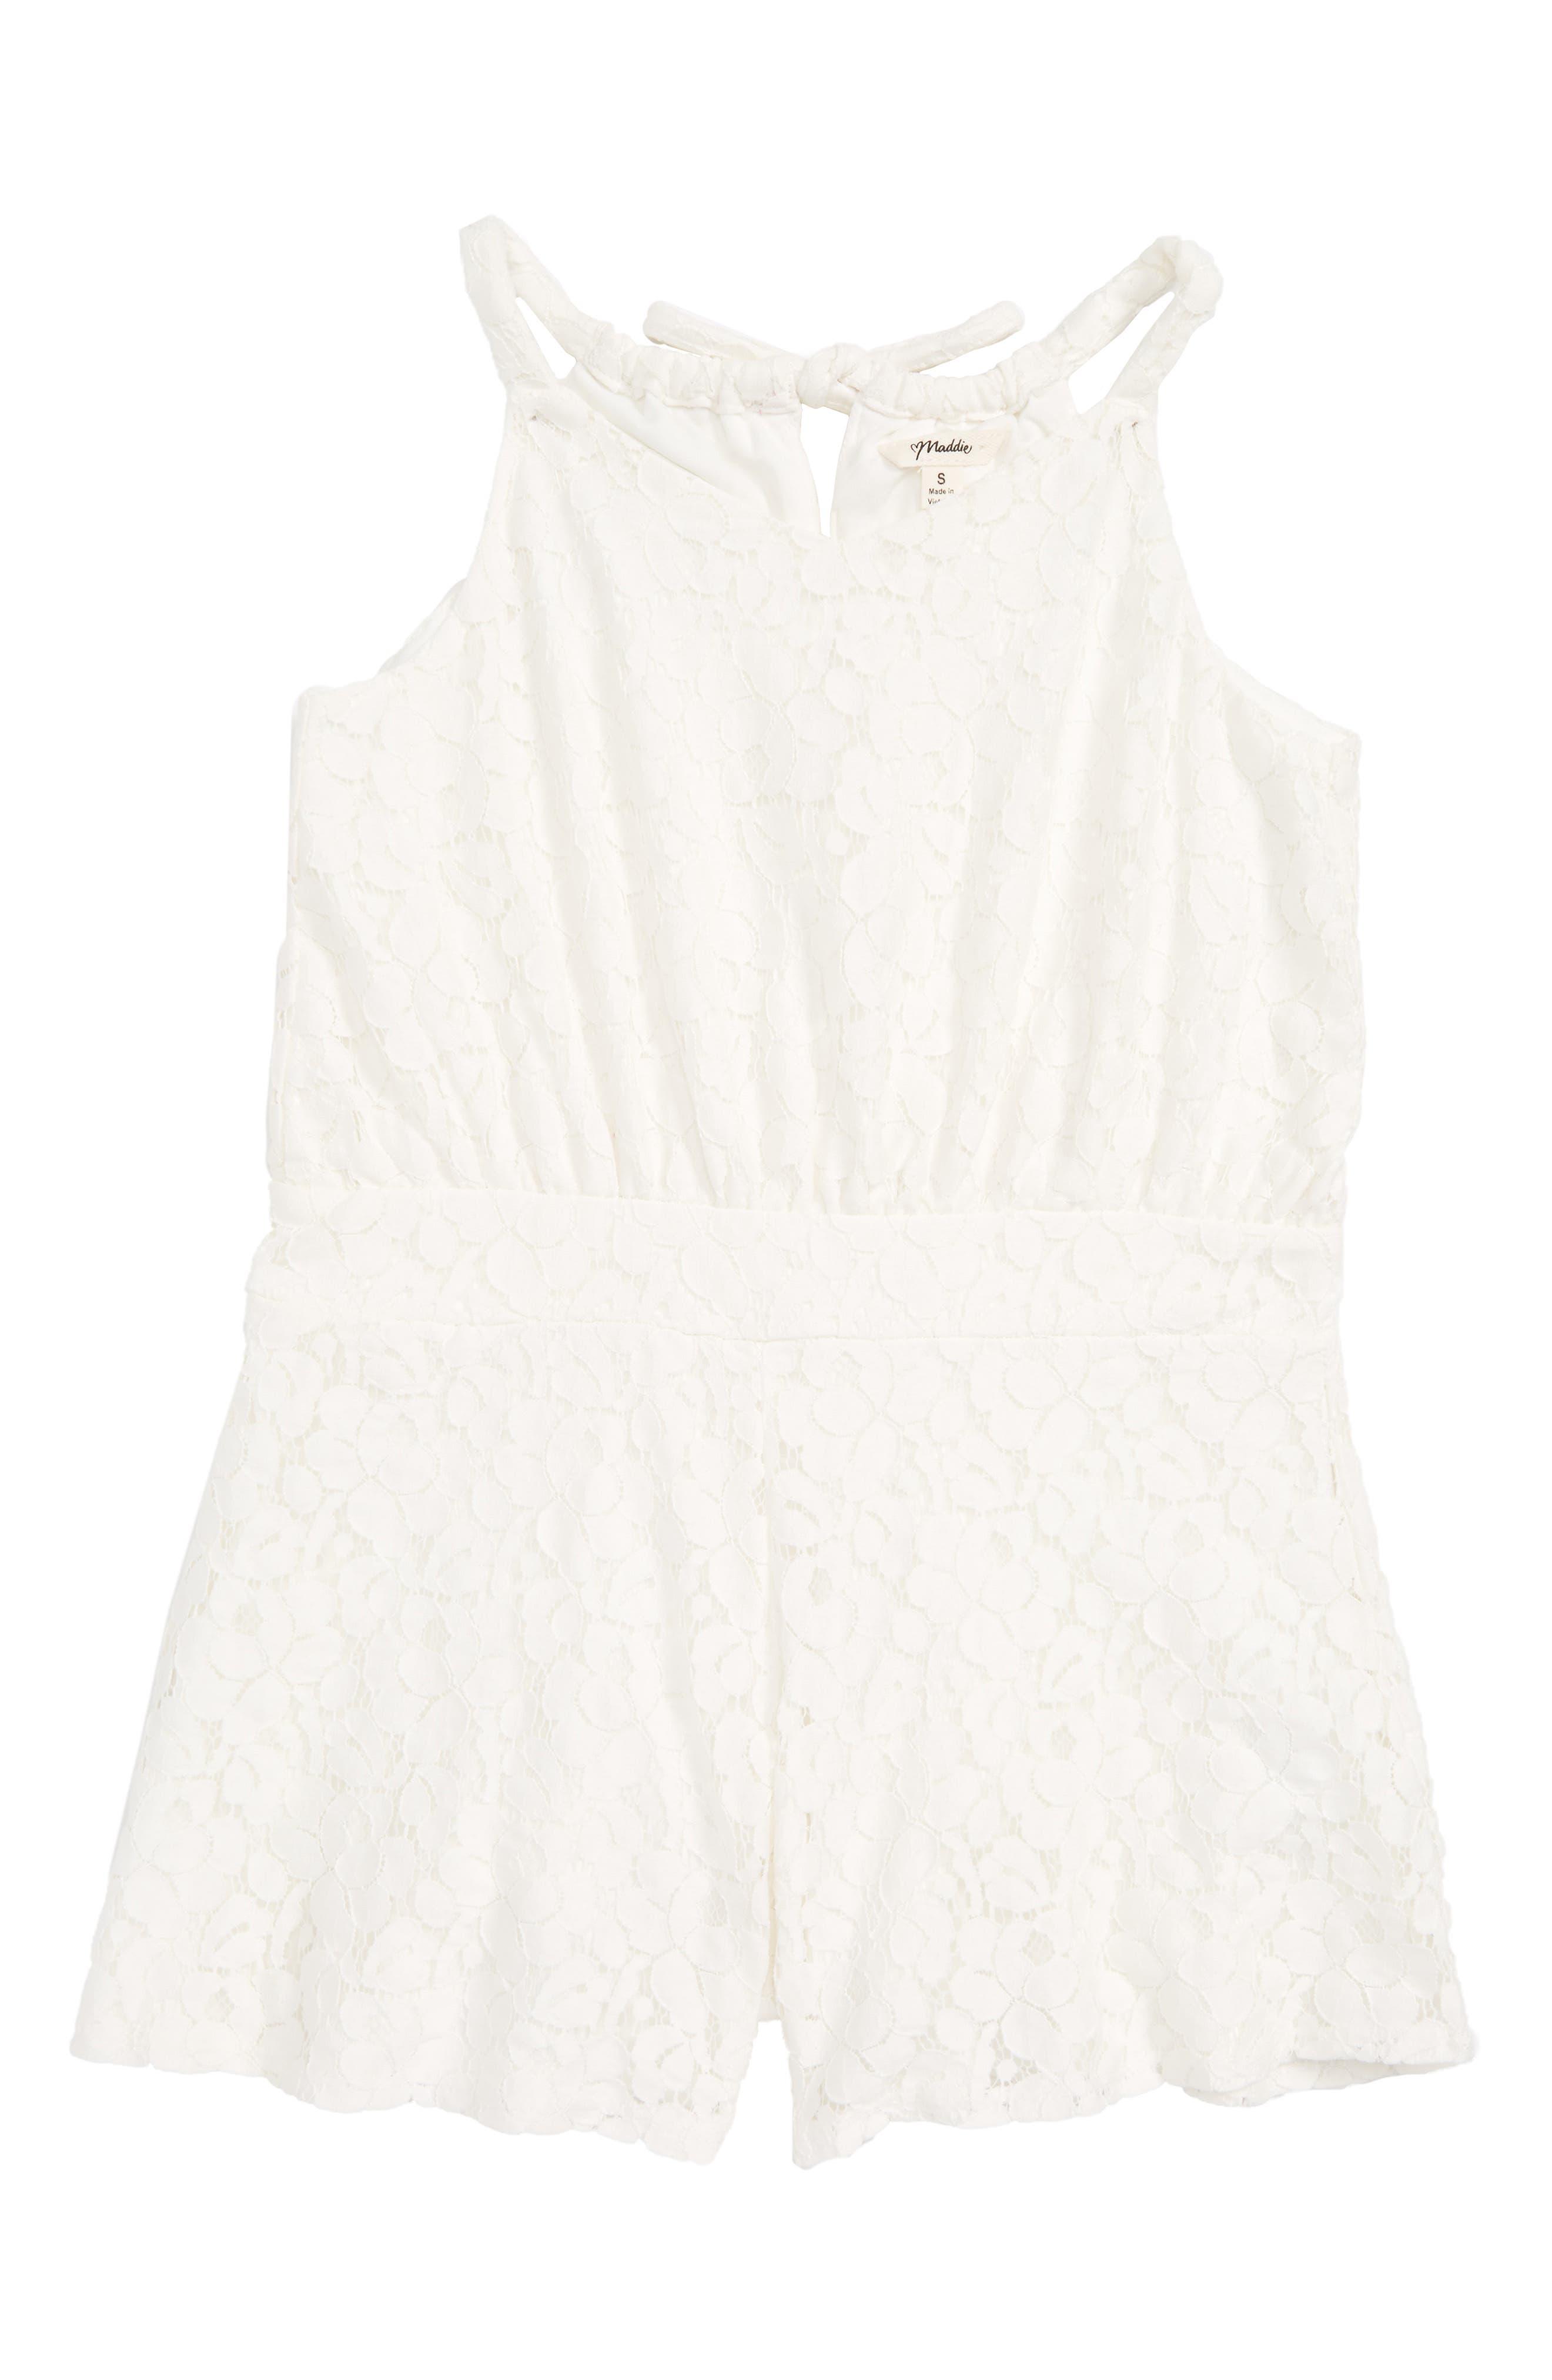 Lace Romper,                         Main,                         color, White